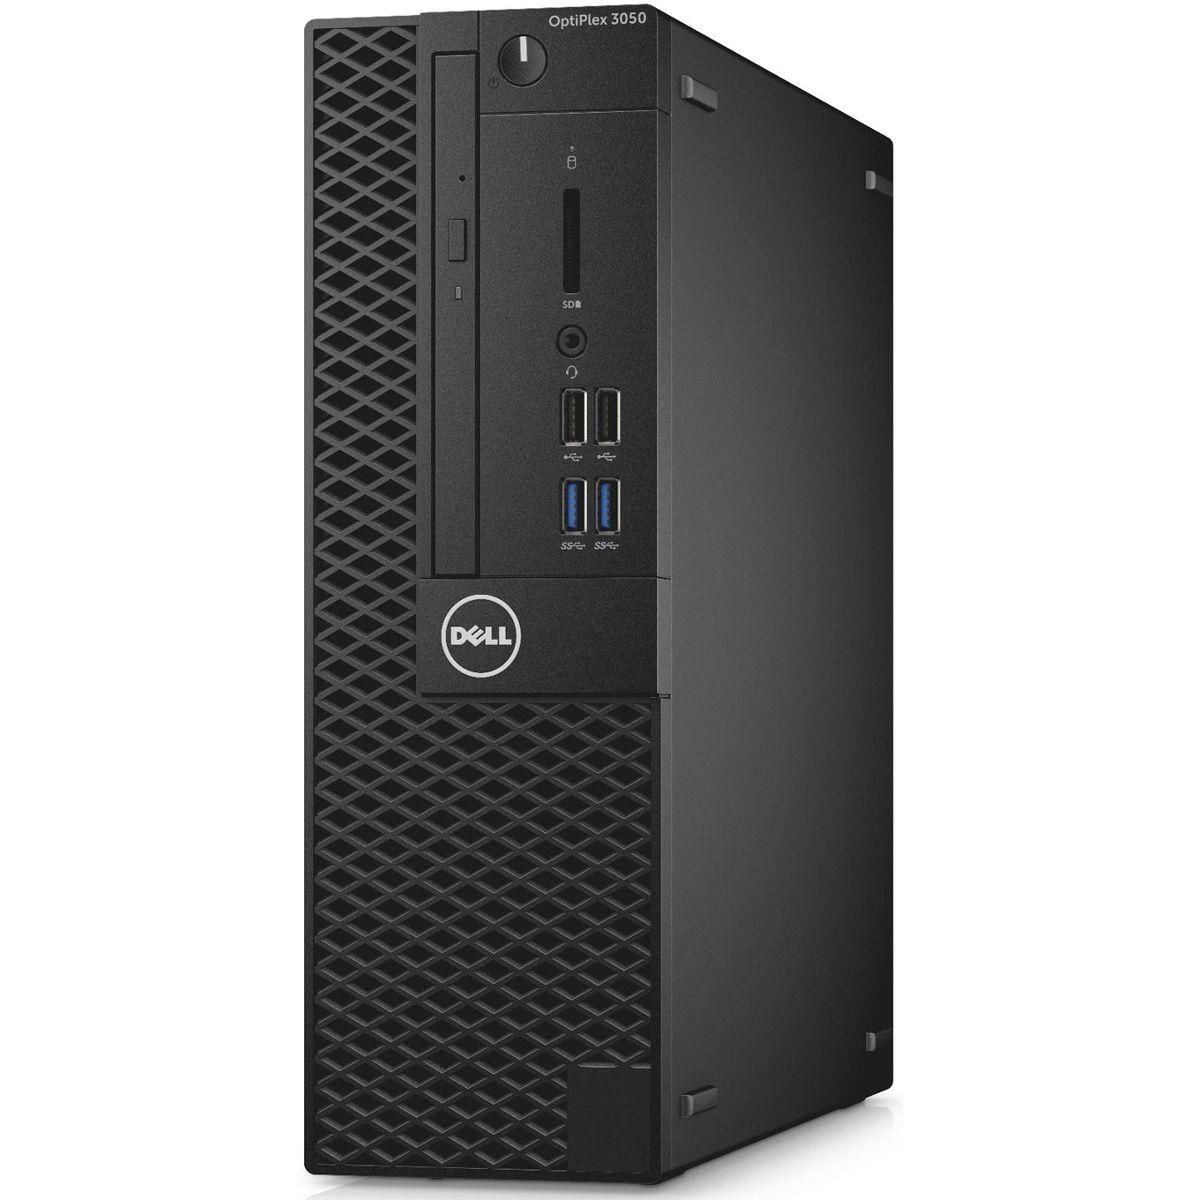 Cpu Dell Optiplex 3050 I5-7500 3.4Ghz| 8Gb| Ssd240Gb| Dvd| W10Pro Ol